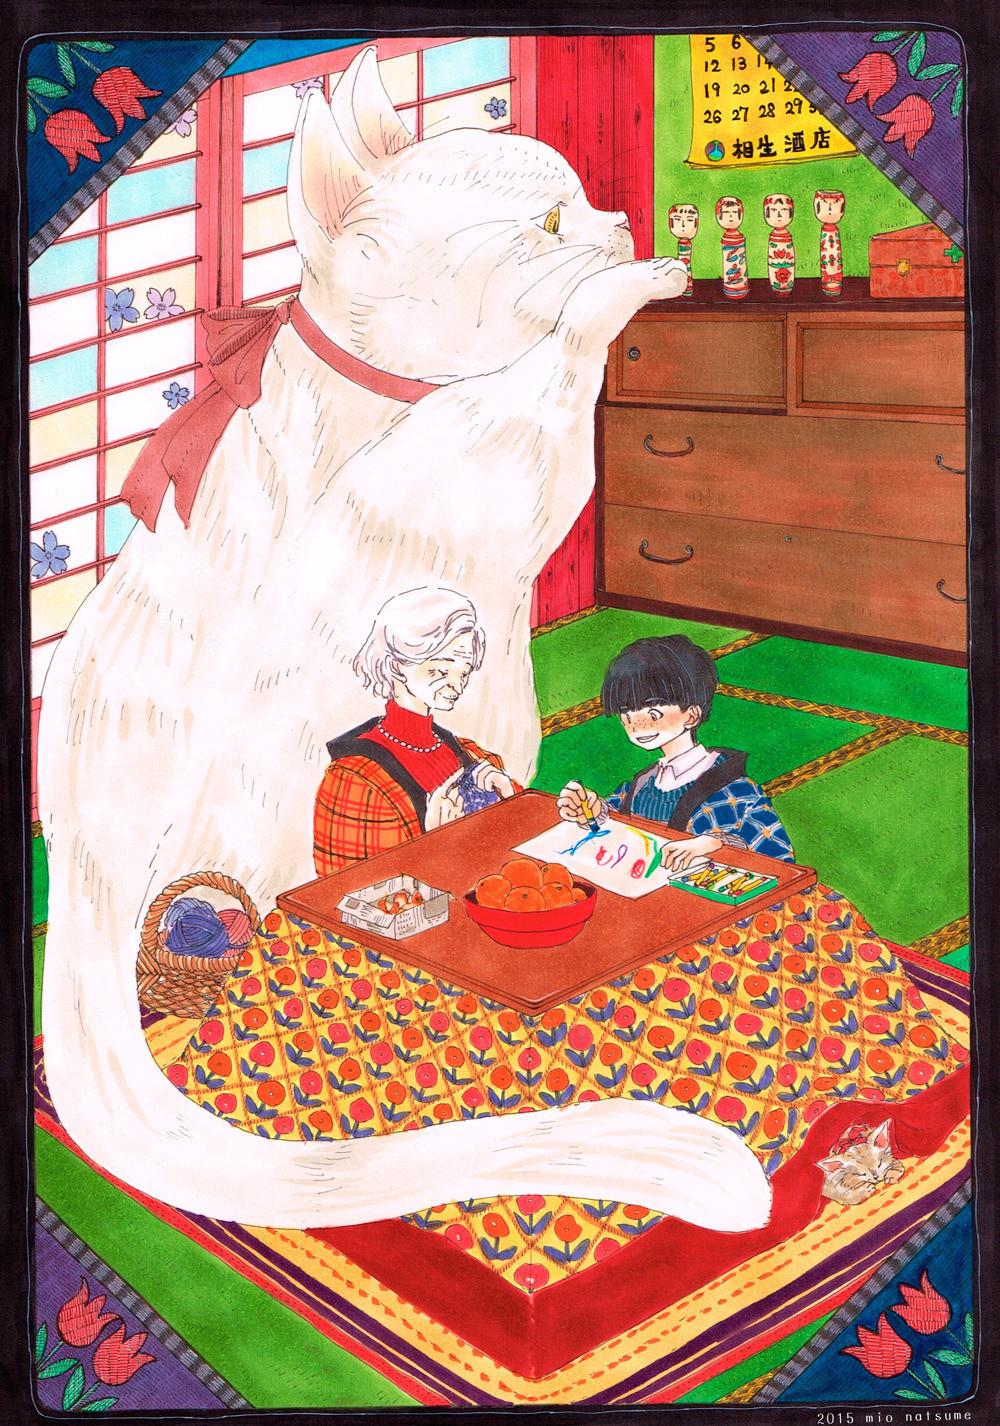 手芸好きで、古いものを大事に使う猫好きのおばあちゃん というイメージなのですが、どうでしょう… 昭和感を求めるうちに花札っぽくなりましたが、元はセルロイド製の手芸道具箱をイメージしていました() 若い頃はモガだった的なおばあちゃんにしたかったので、習作よりも髪を短くし、おじいちゃんから貰った真珠のネックレスをよく着けているという設定にしてみました。